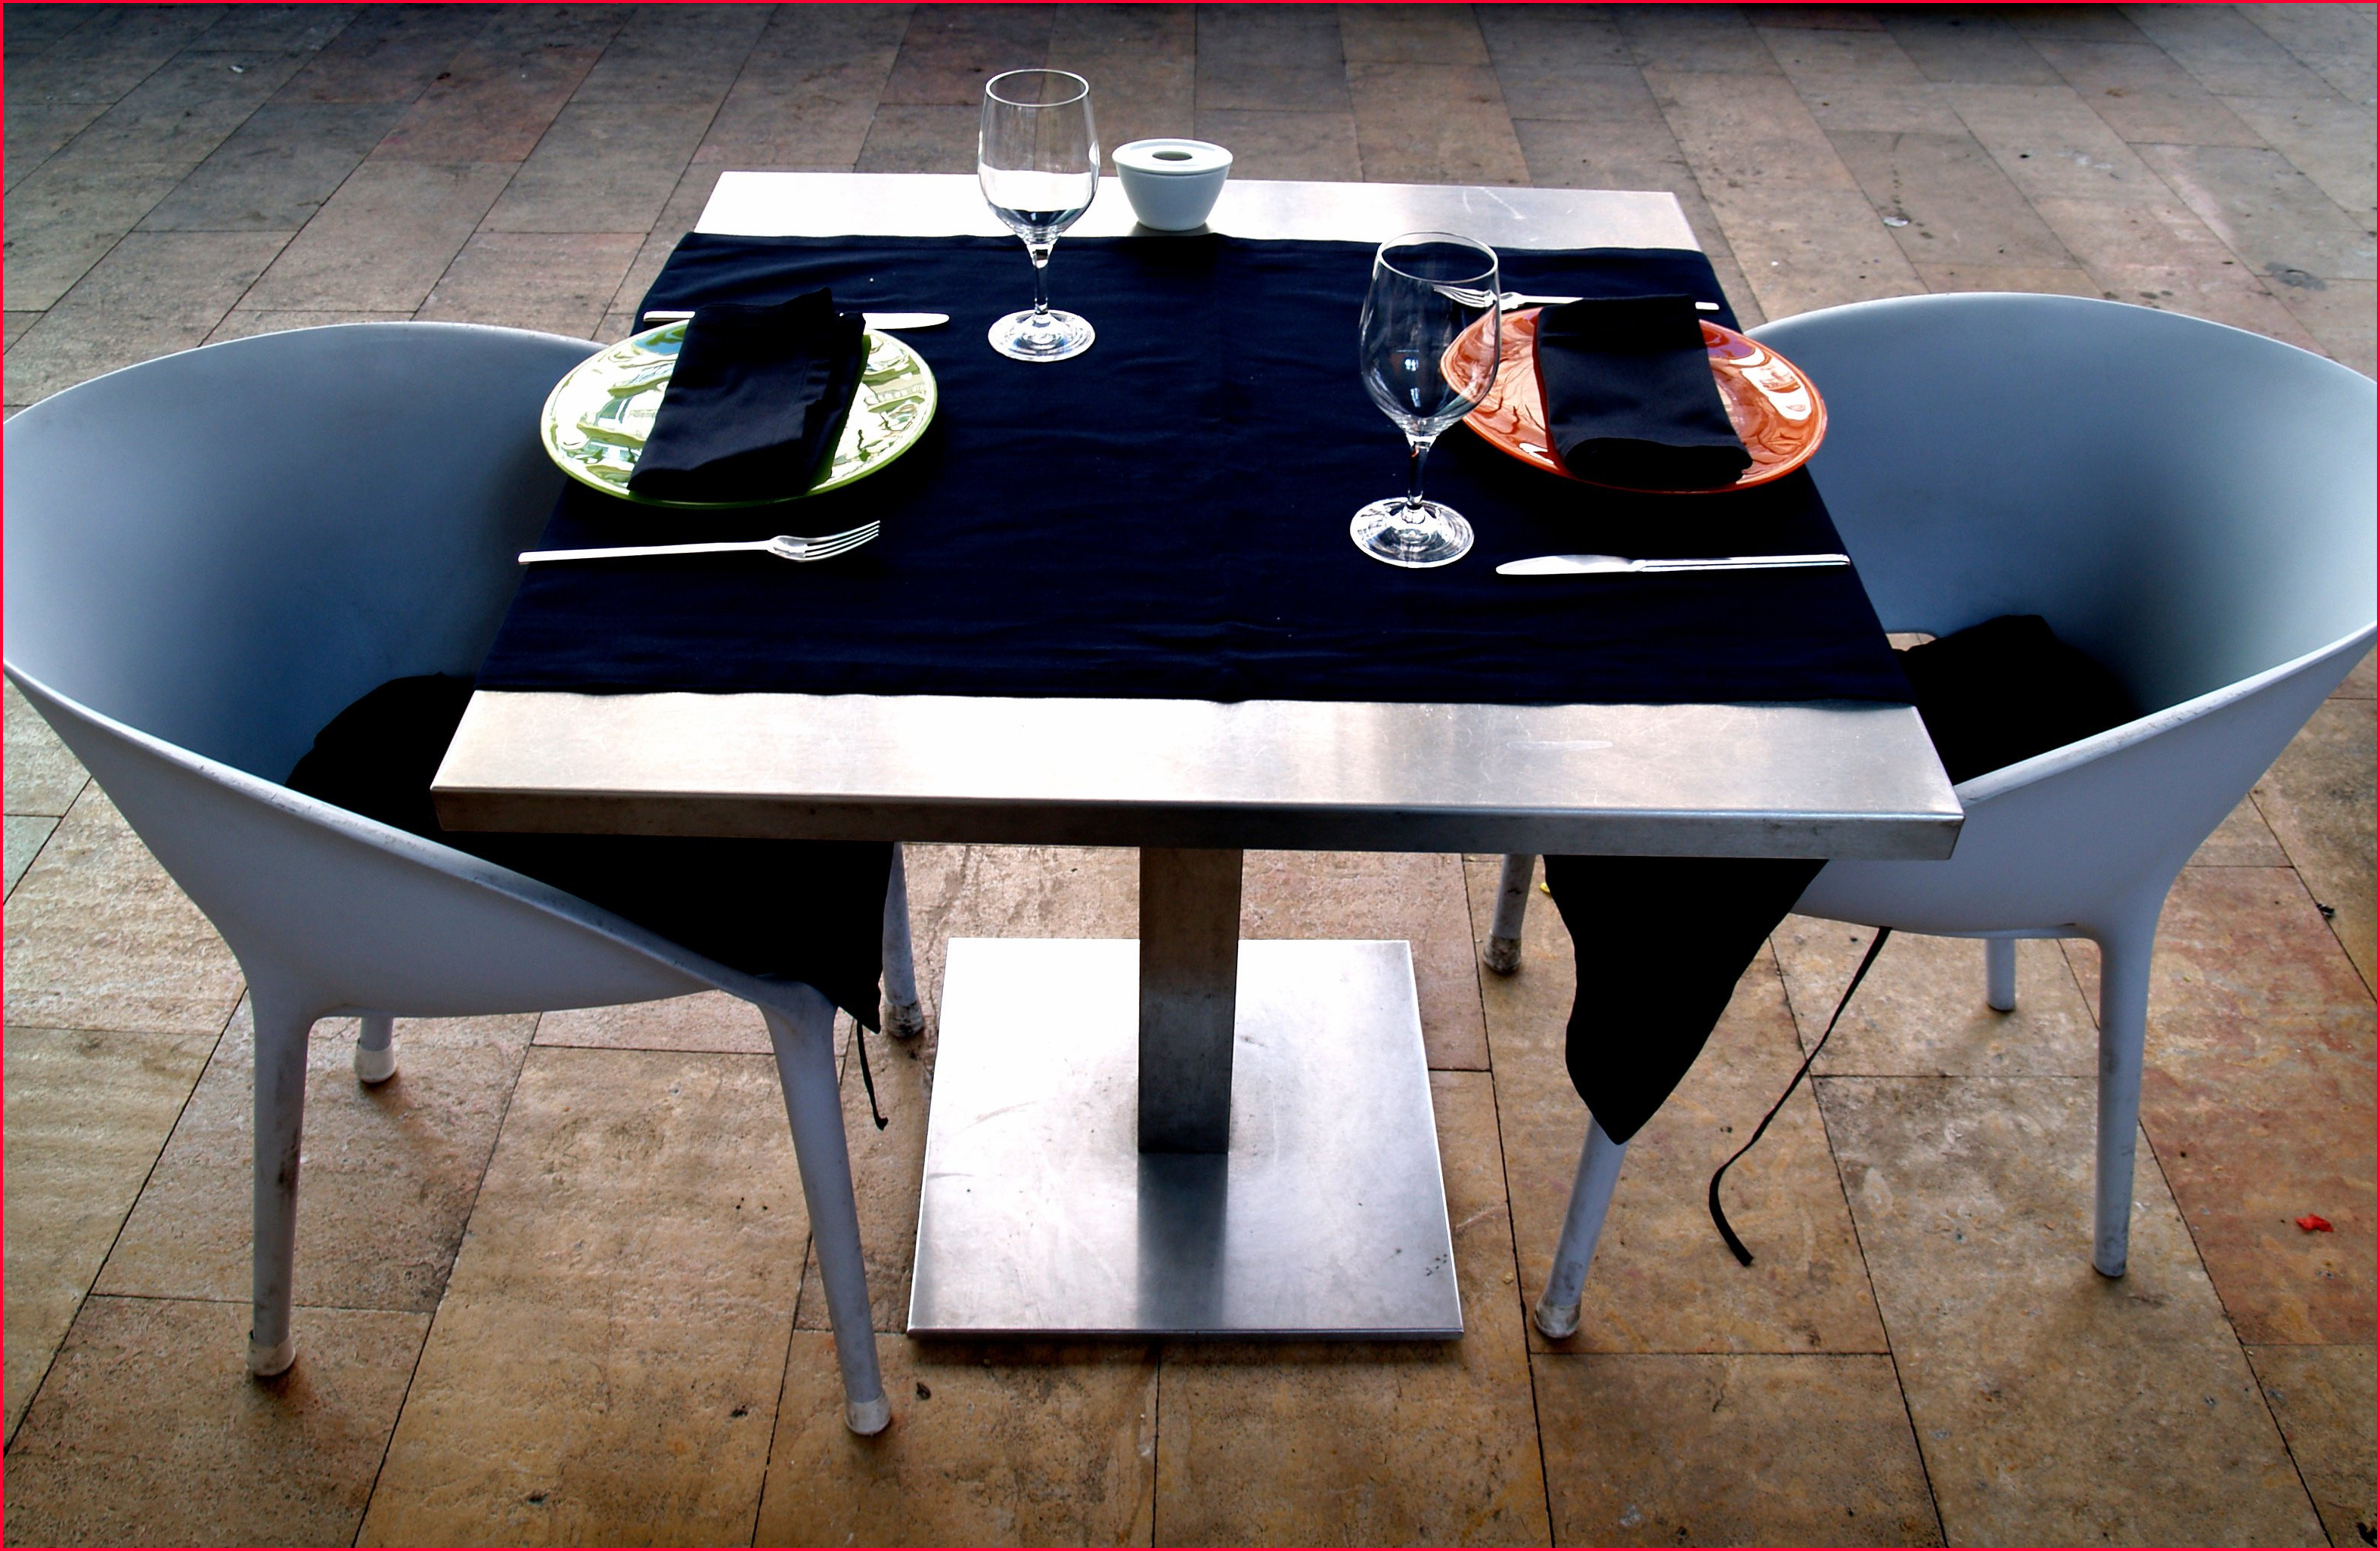 Mesas De Restaurante Xtd6 Ã Nico Mesas Restaurante Imagen De Mesas Accesorios Mesas Ideas